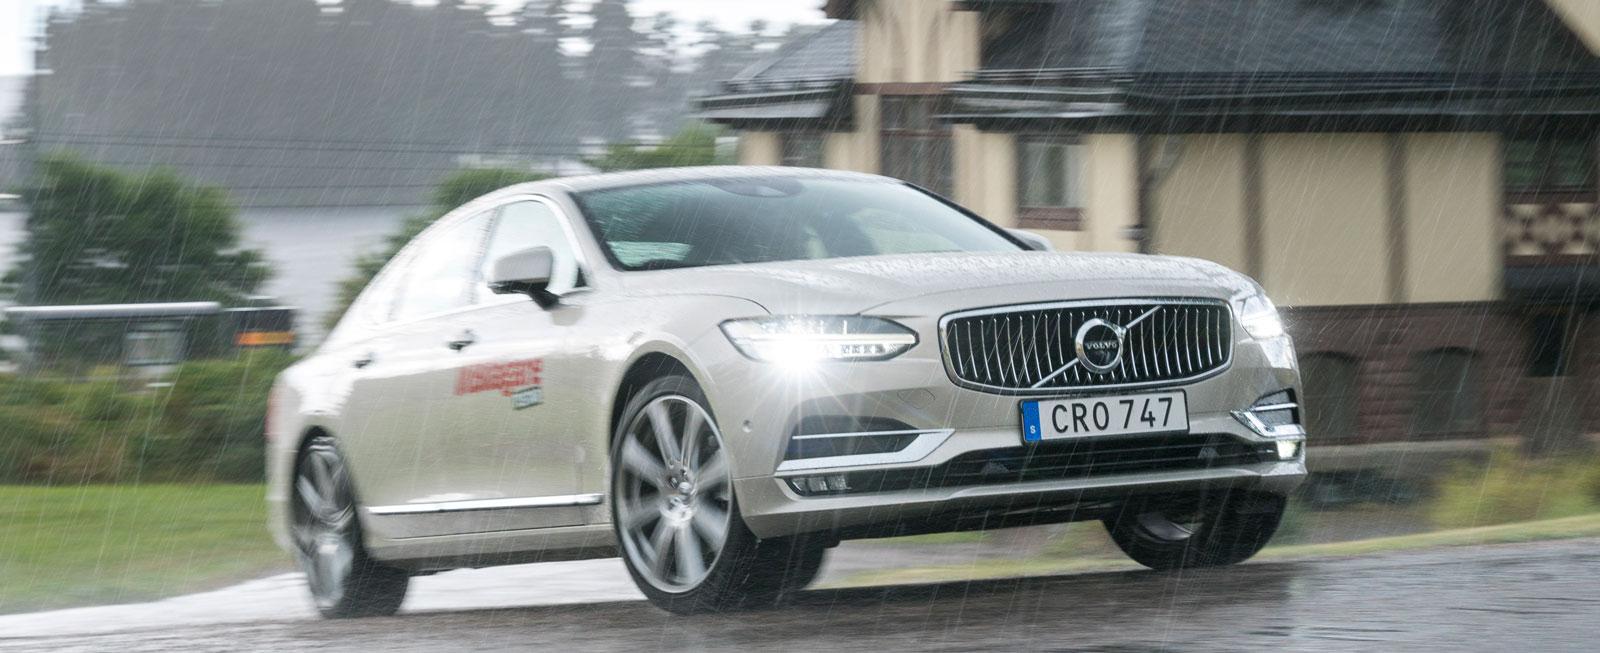 Test: Volvo S90, Mercedes E-klass och Audi A6 (2016)